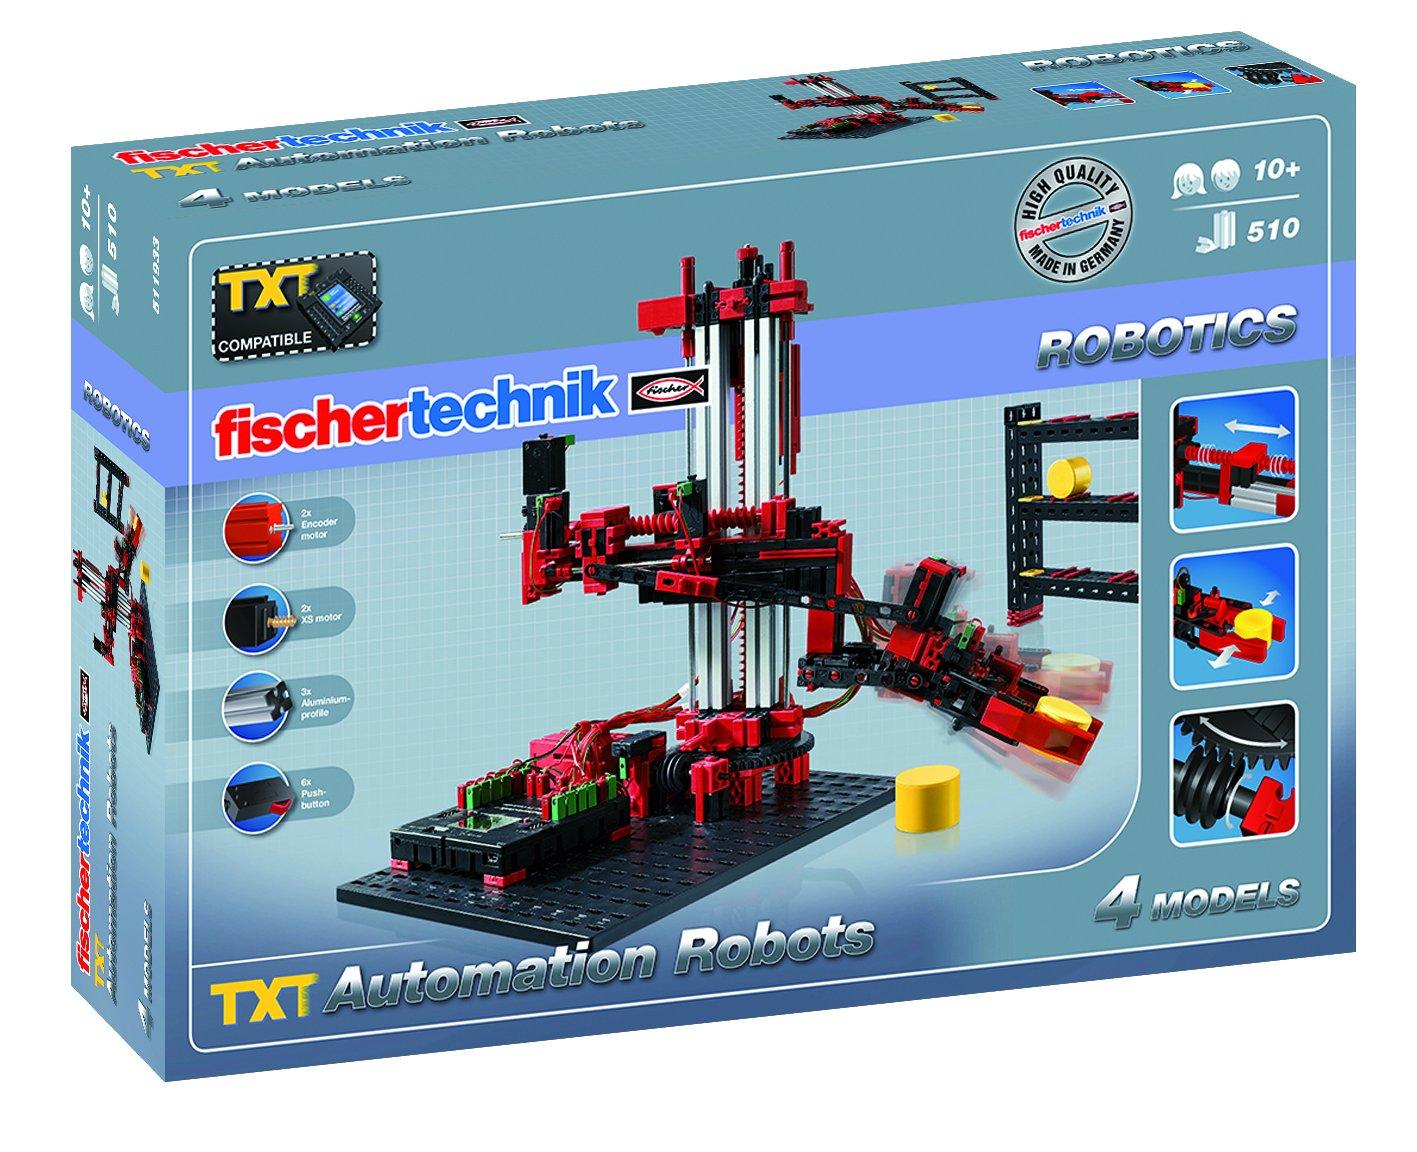 fischertechnik ROBO TX Automation Robots by fischertechnik (Image #1)